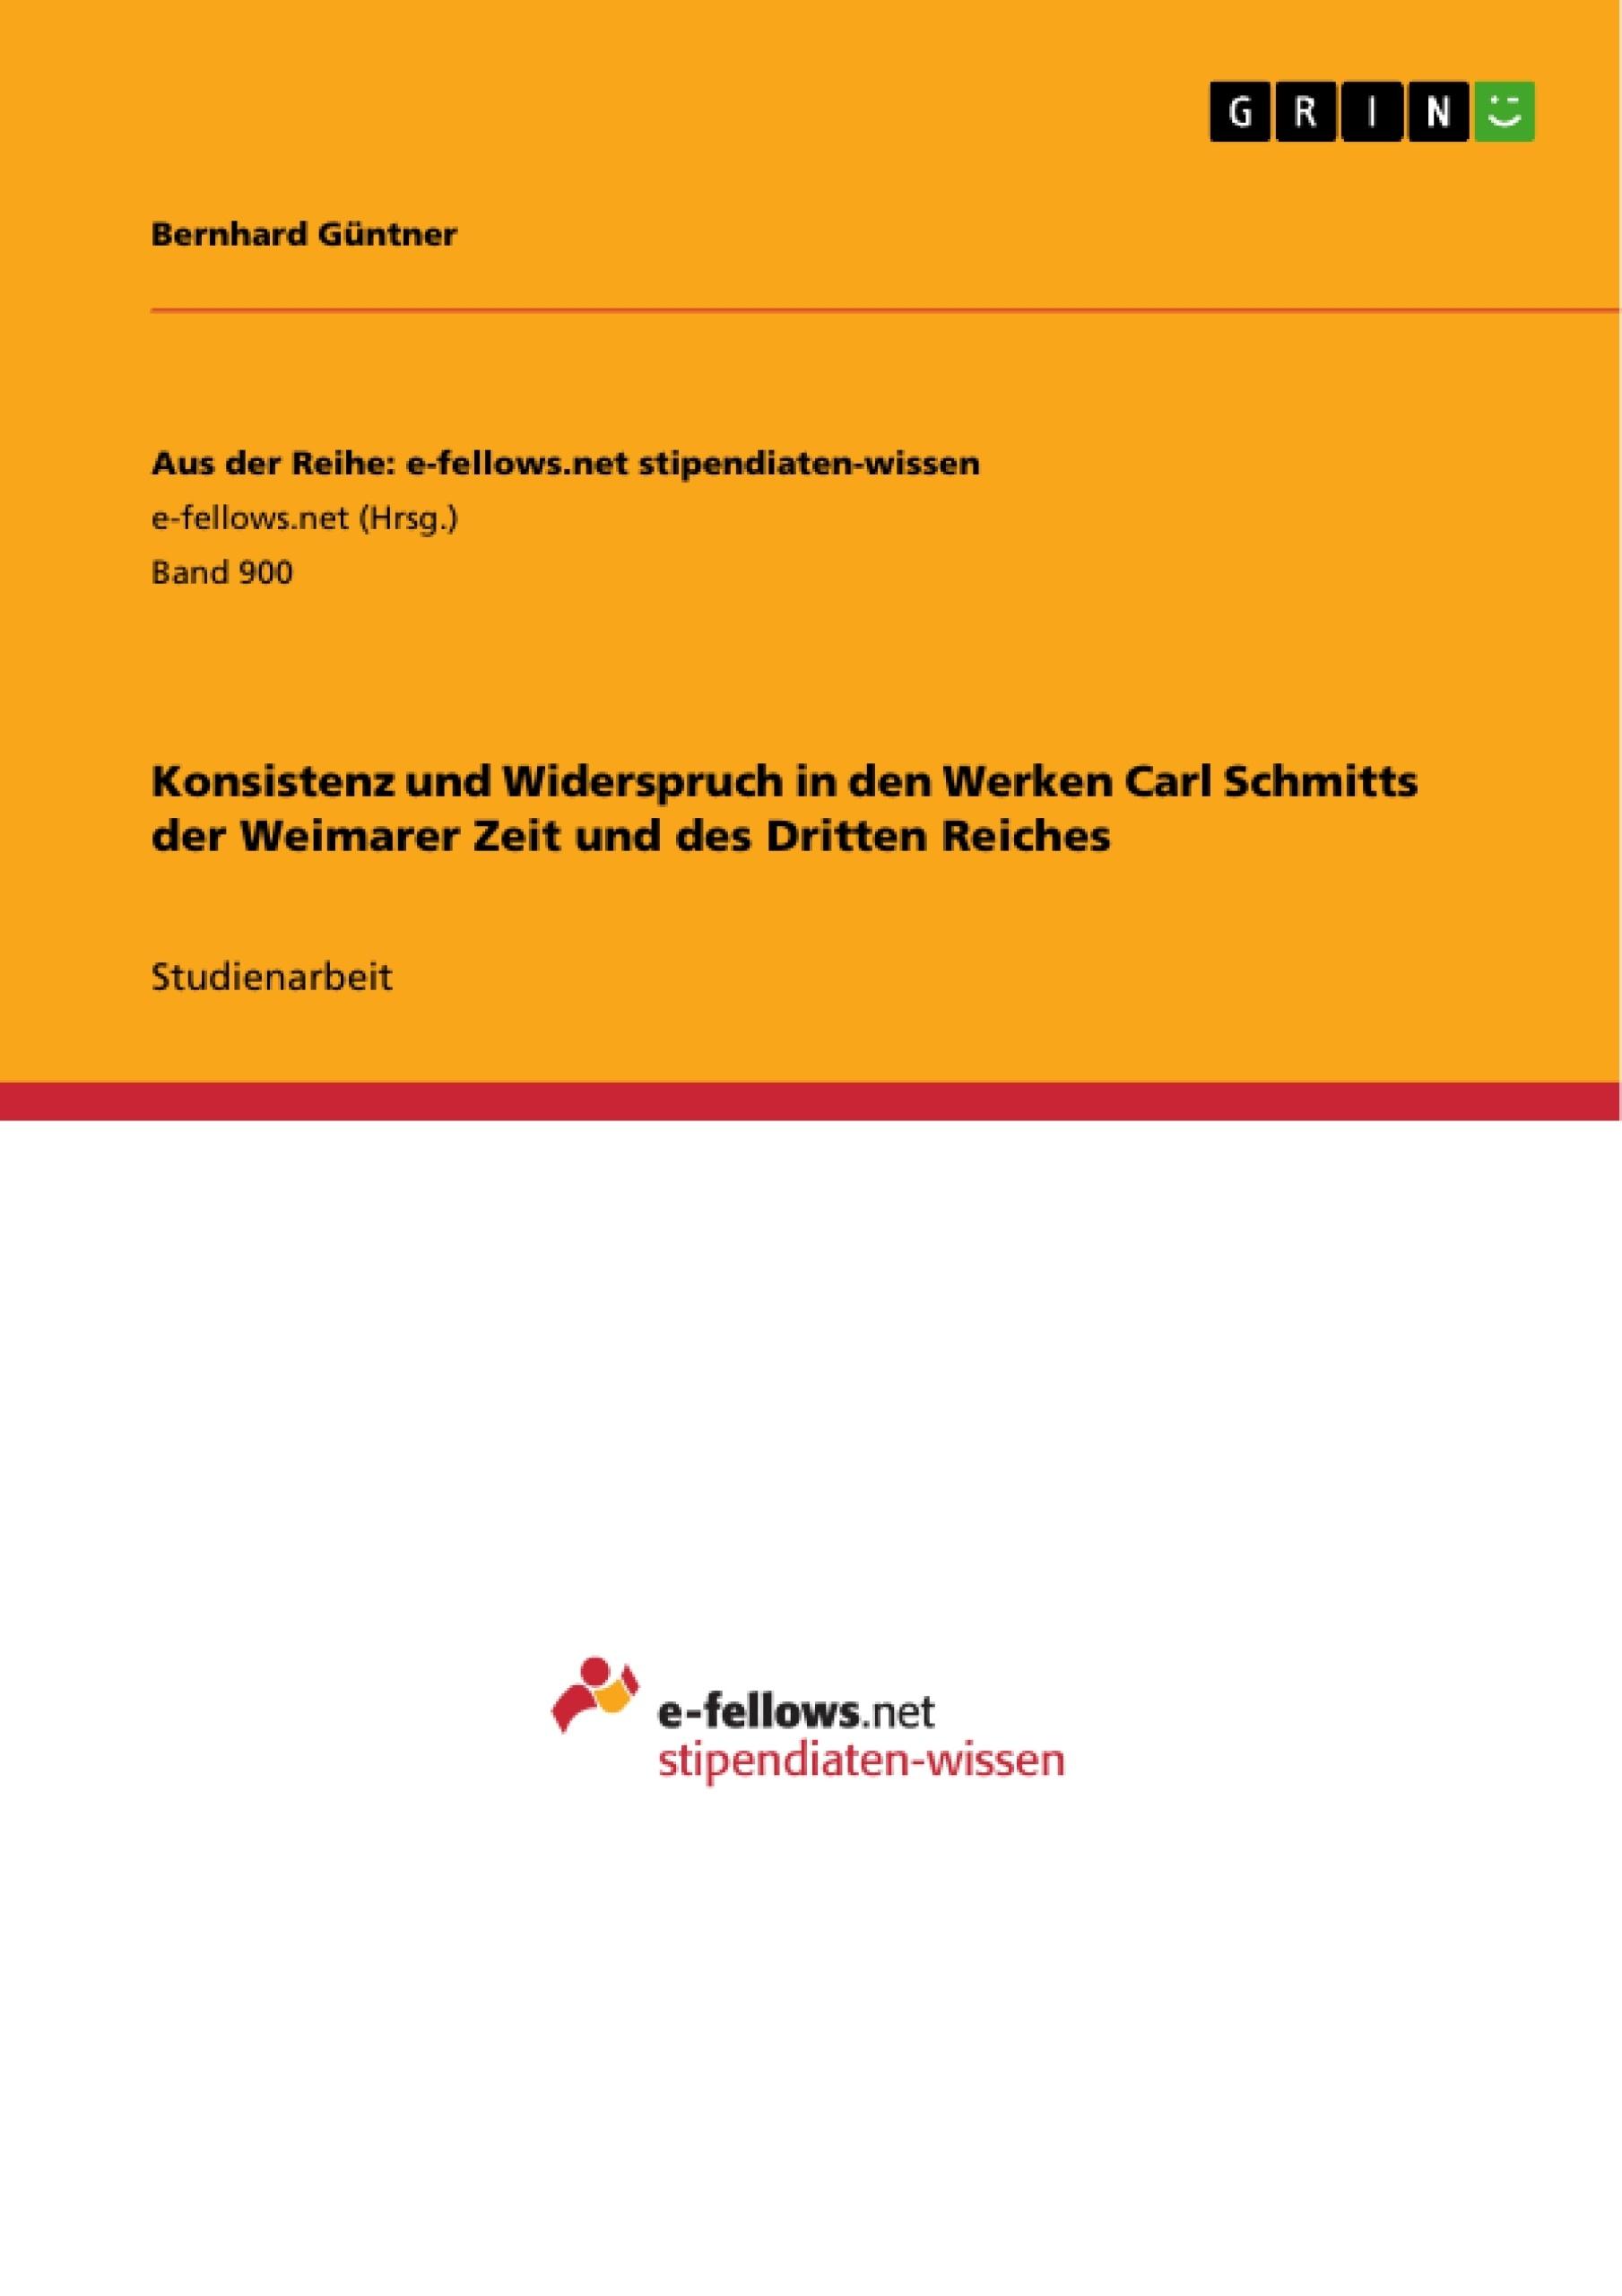 Titel: Konsistenz und Widerspruch in den Werken Carl Schmitts der Weimarer Zeit und des Dritten Reiches